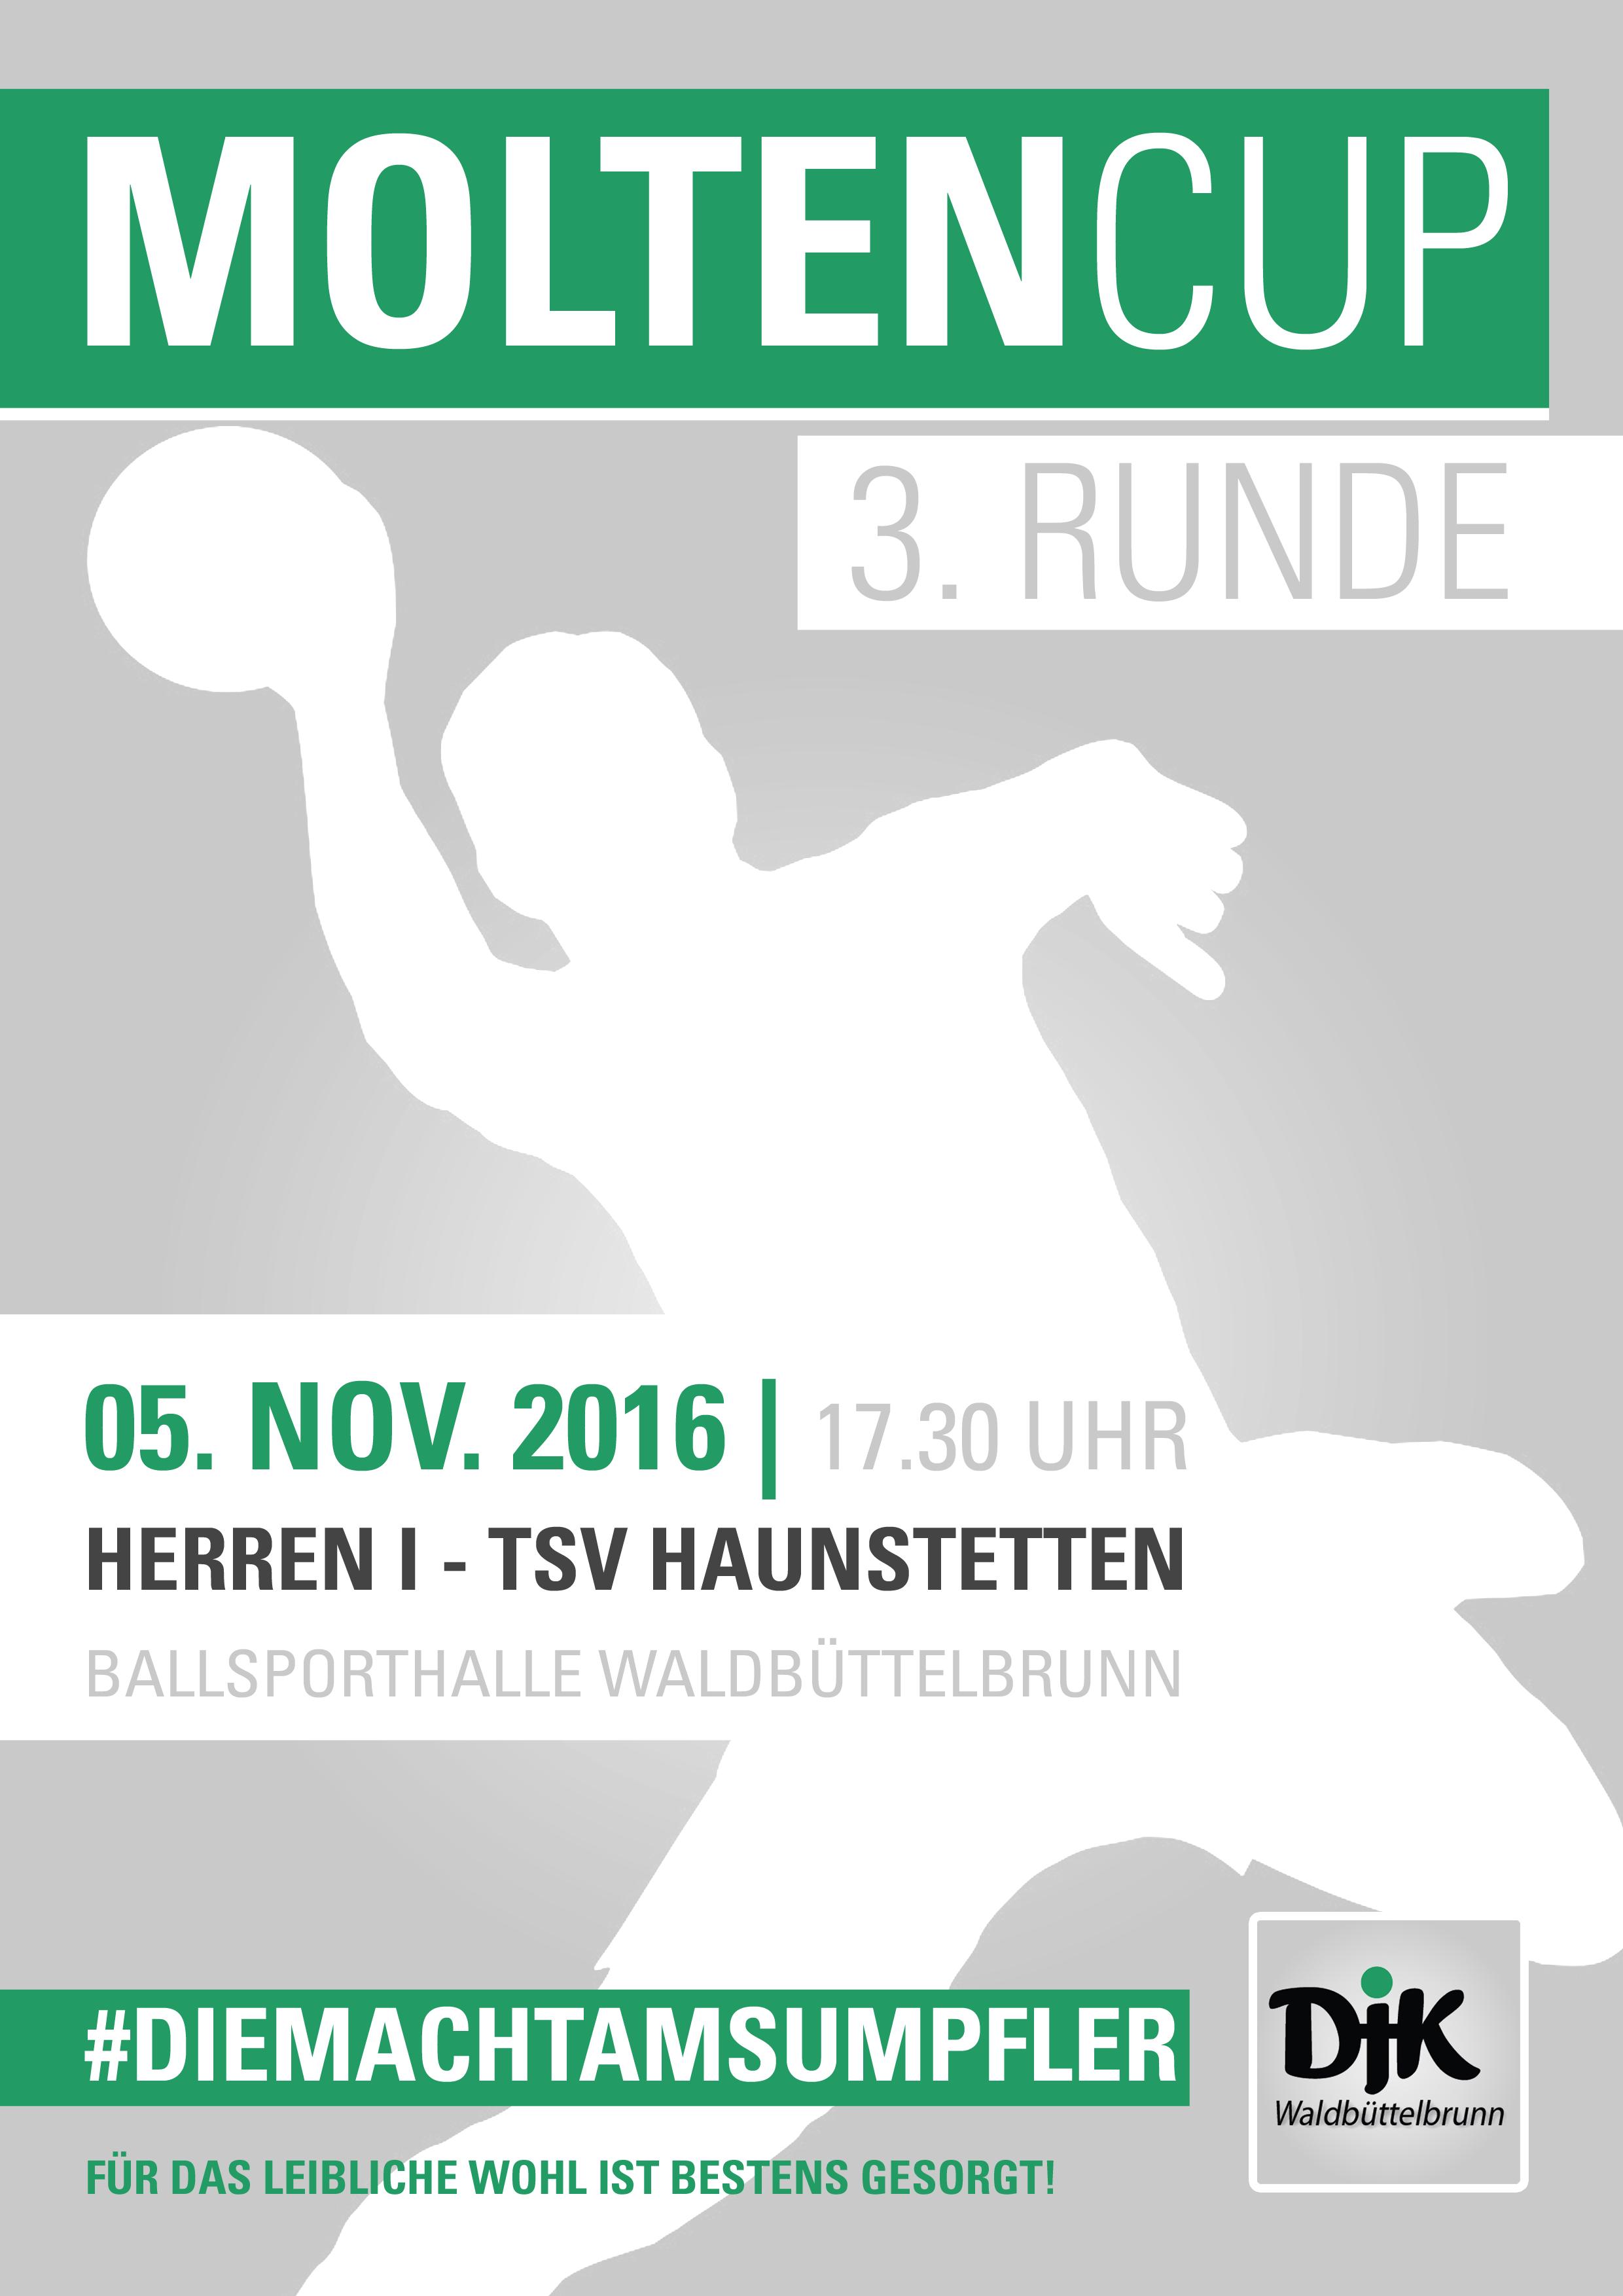 Molten Cup - 3. Runde - DjK Waldbüttelbrunn vs. TSV Haunstetten